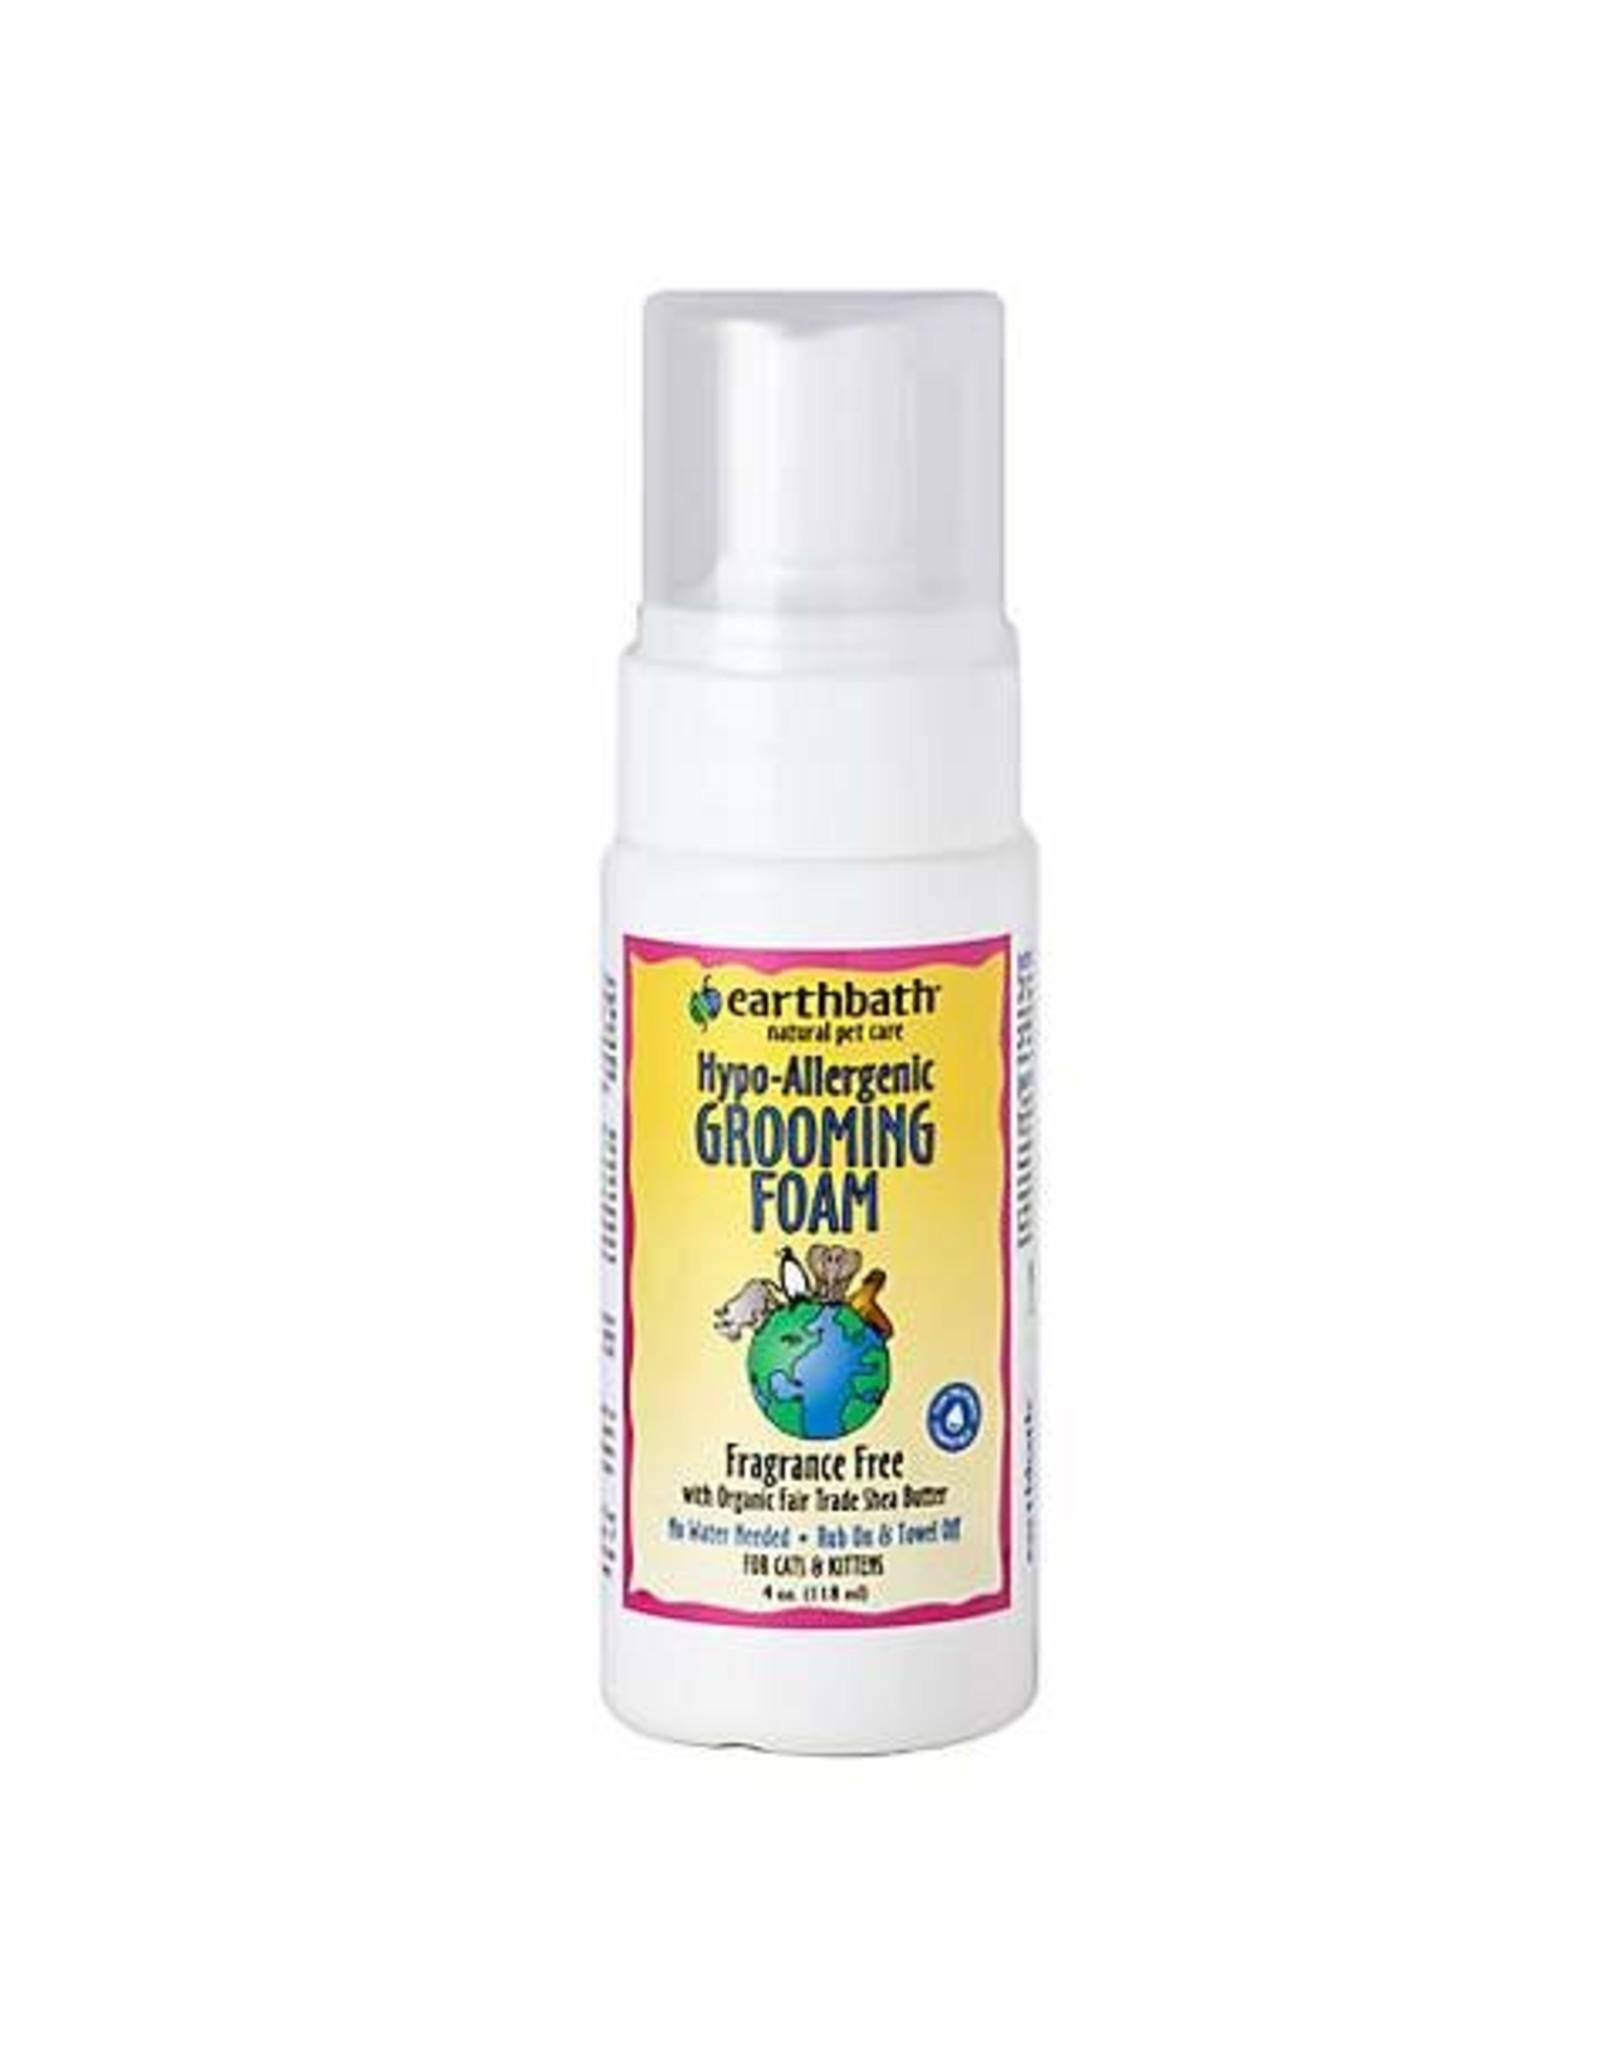 Earthbath Earthbath Cat Grooming Foam Hypo-allergenic 4oz